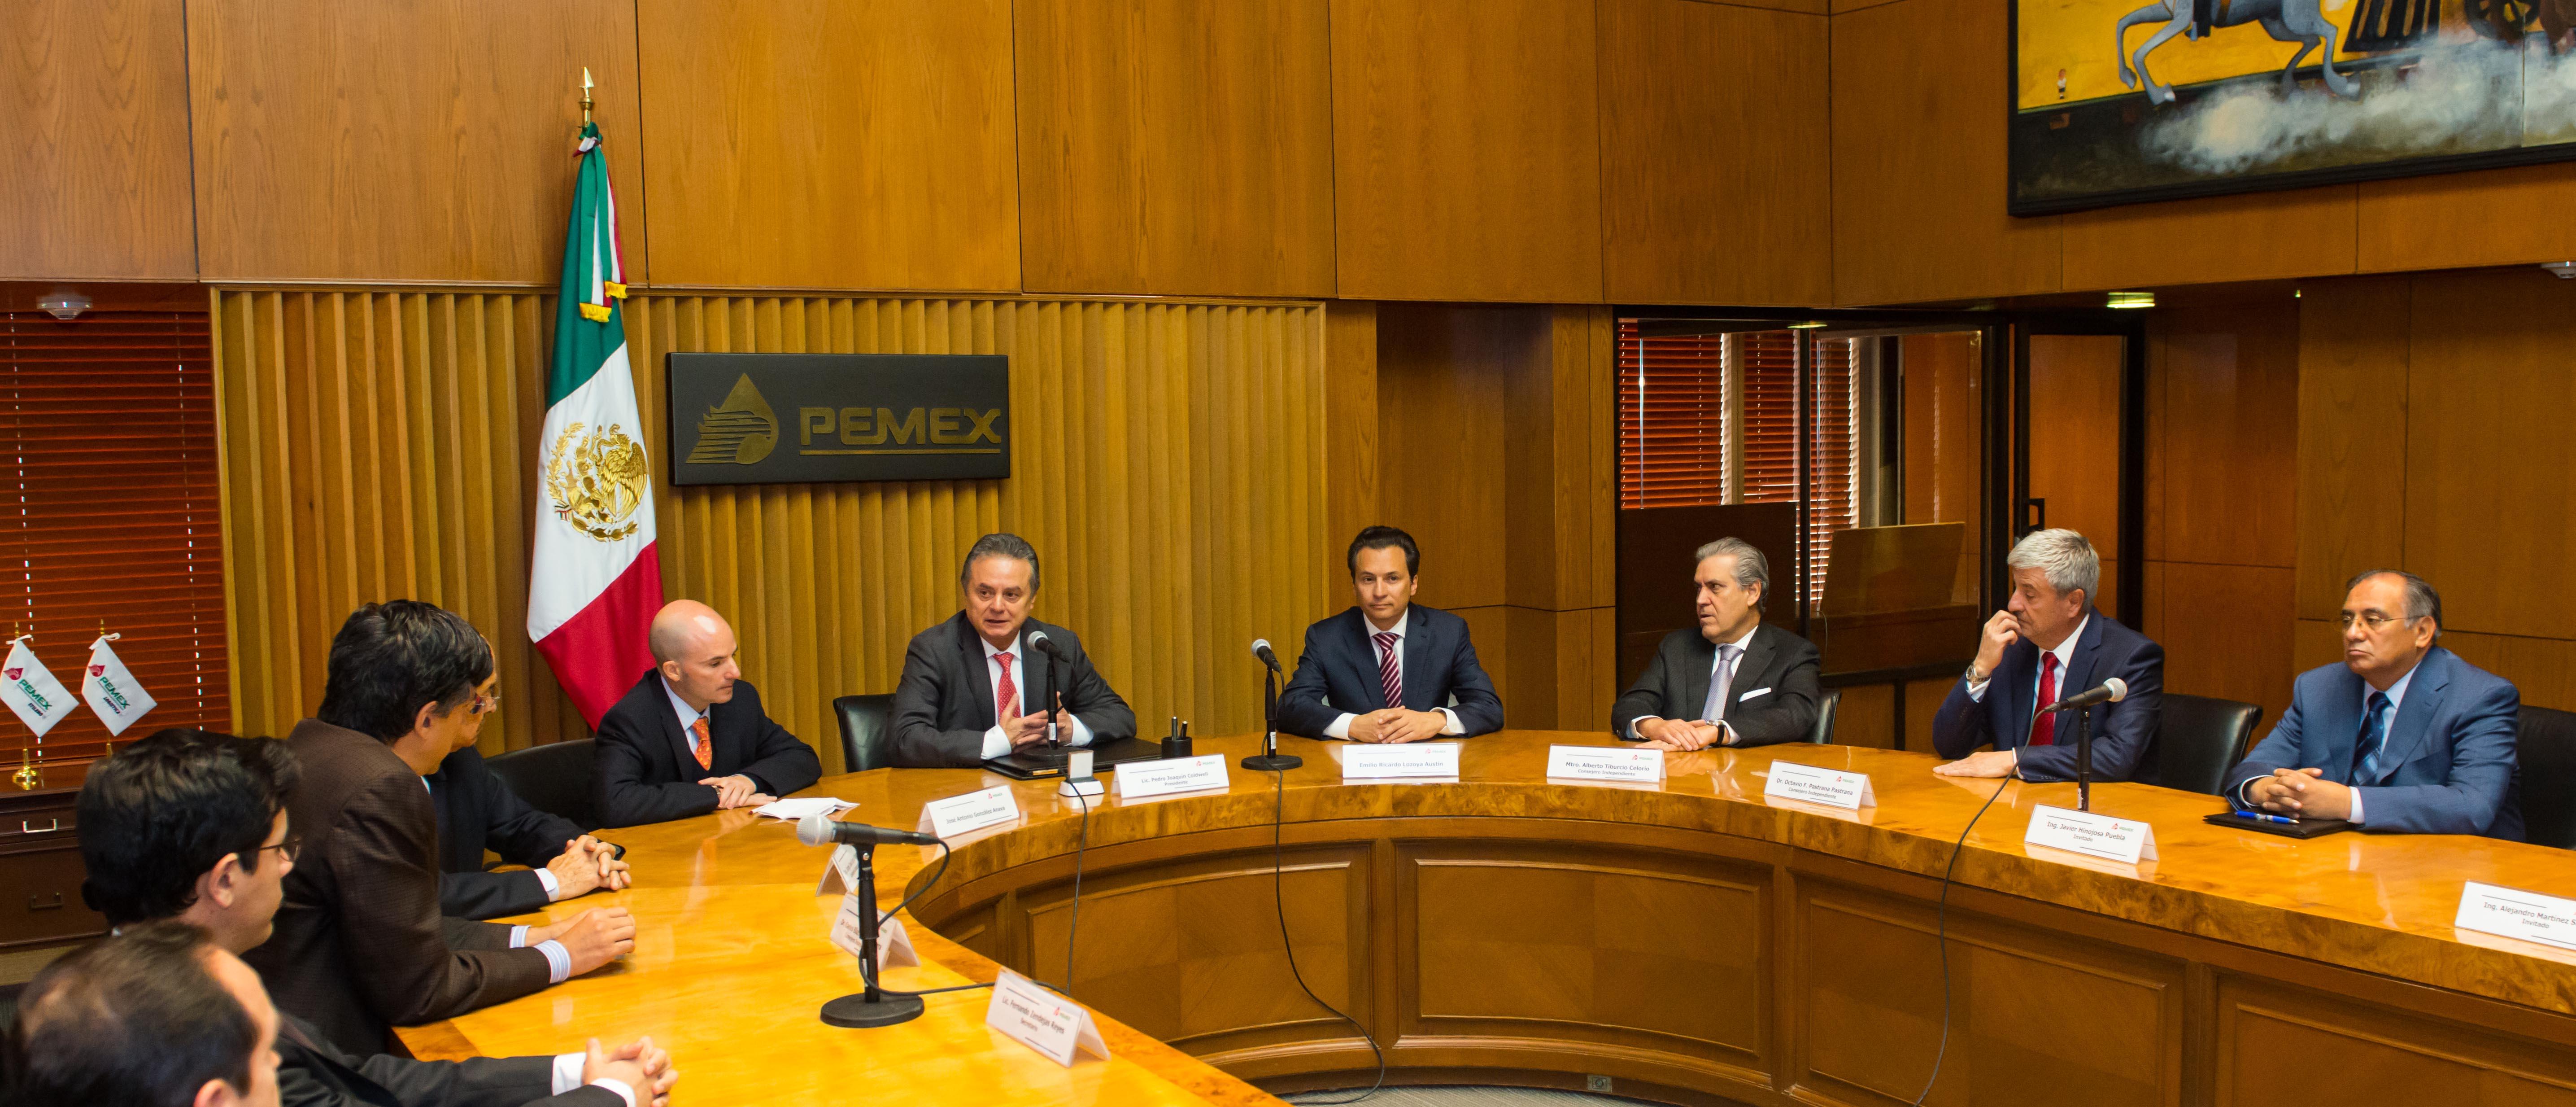 El Secretario de Energía presenta ante el Consejo de Administración de PEMEX al nuevo Director General, José Antonio González Anaya